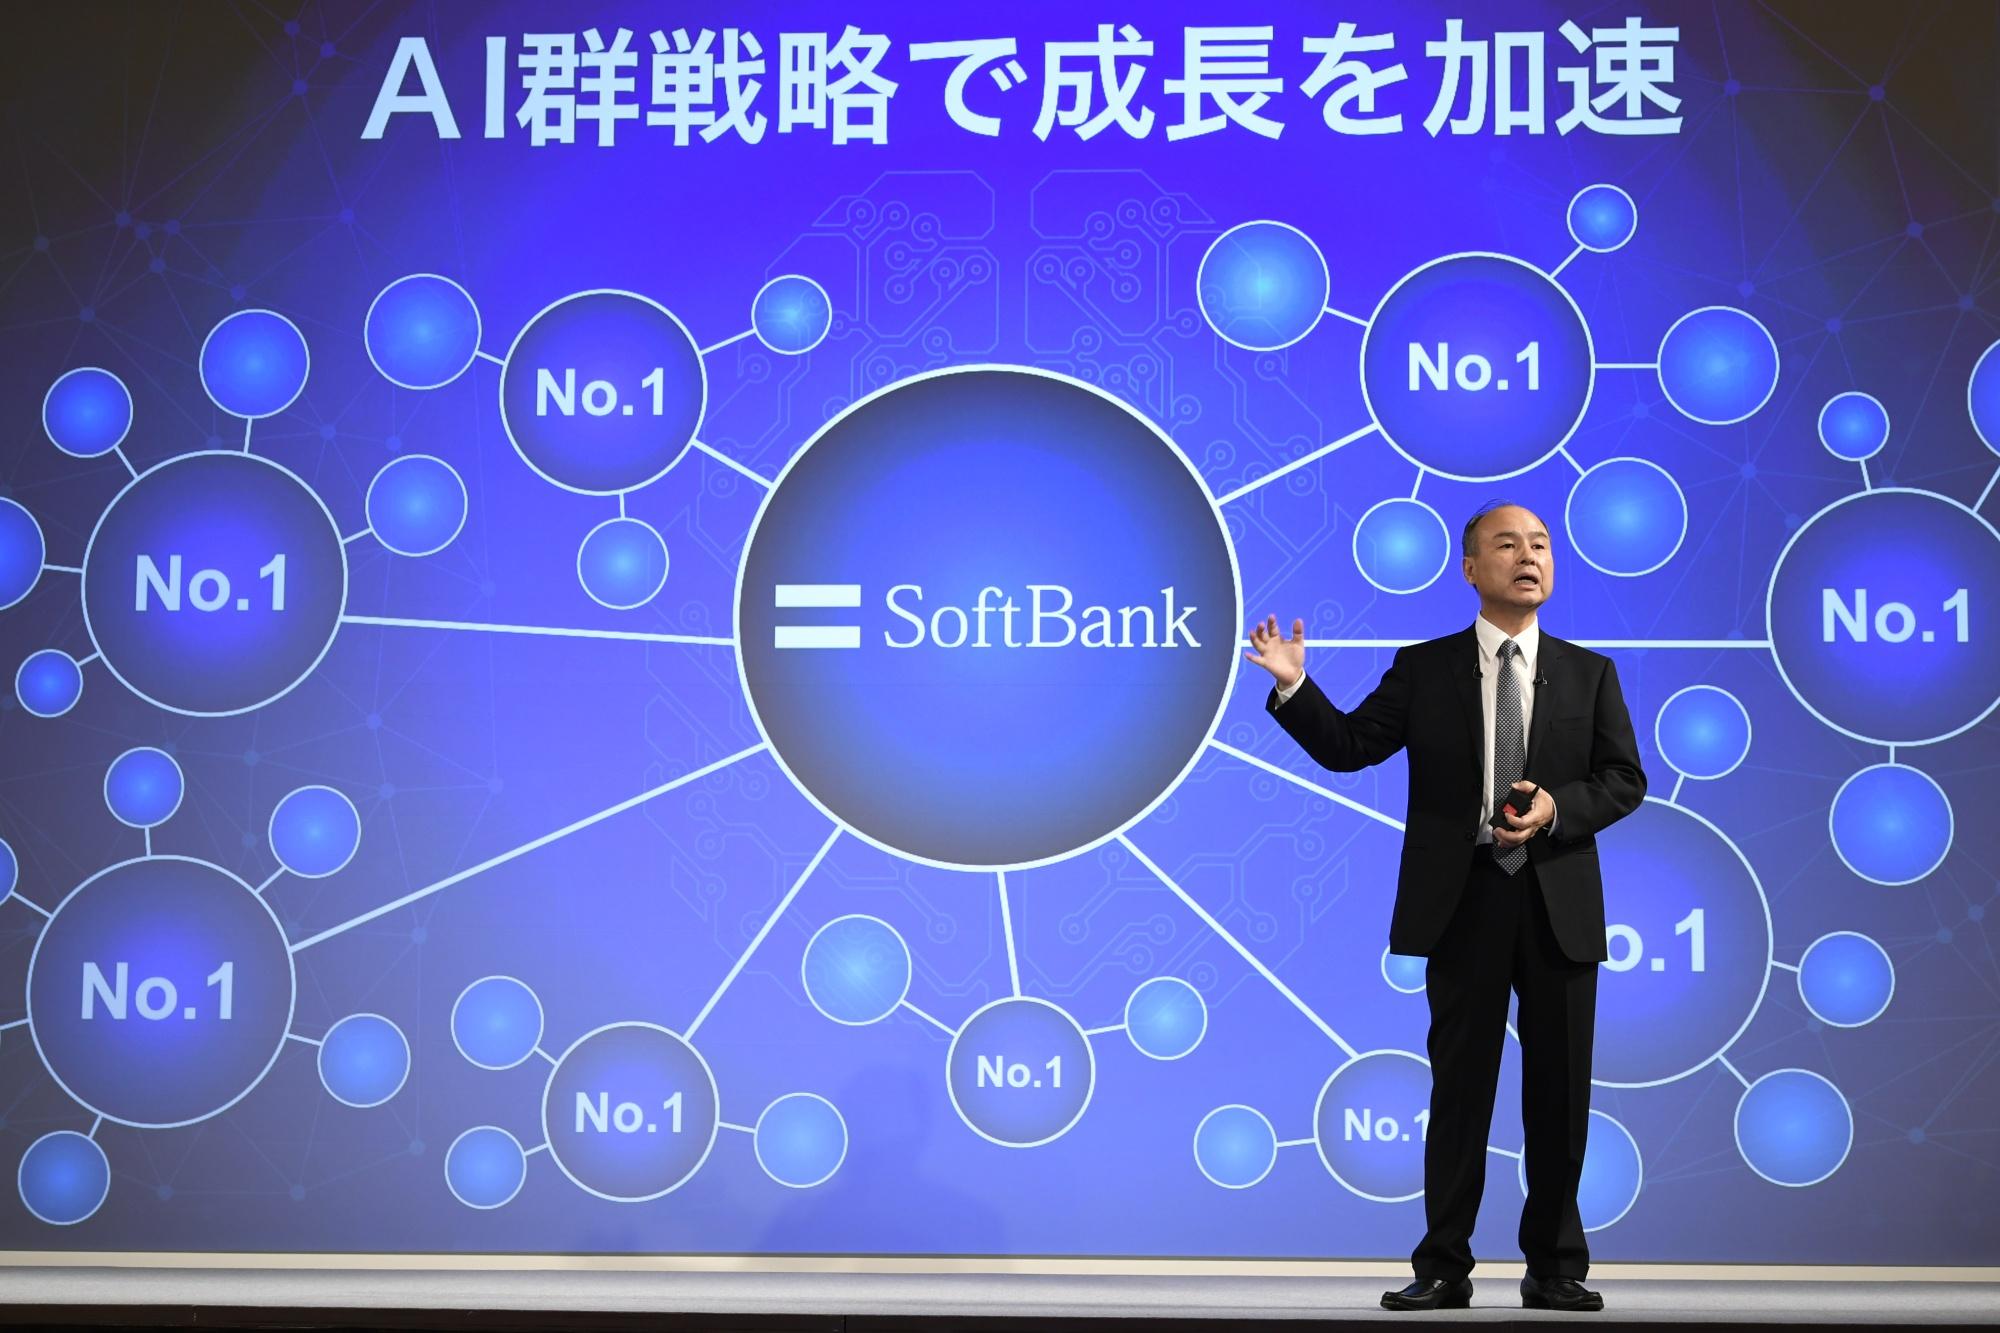 孫財団の大澤氏が日大研究センター長に就任-AIで社会問題に挑む - Bloomberg